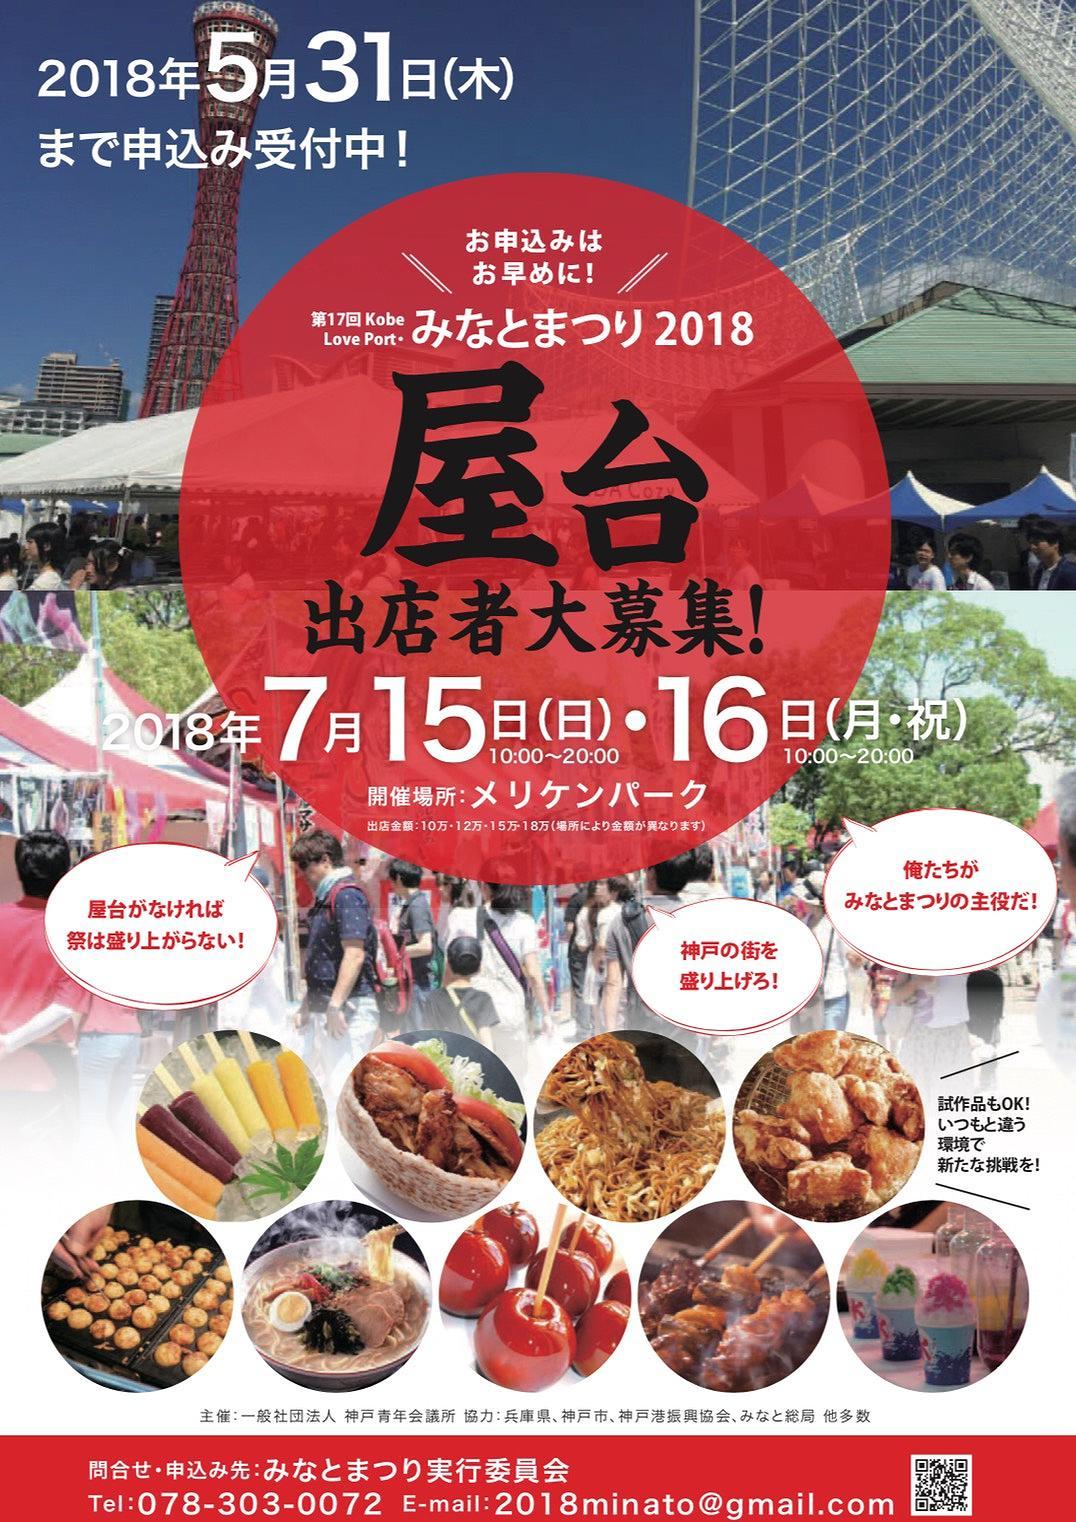 「第17回 Kobe Love Port みなとまつり」が7月15日(日)・16日(祝)に神戸メリケンパークで開催されるよ! #みなとまつり #神戸メリケンパーク #神戸イベント